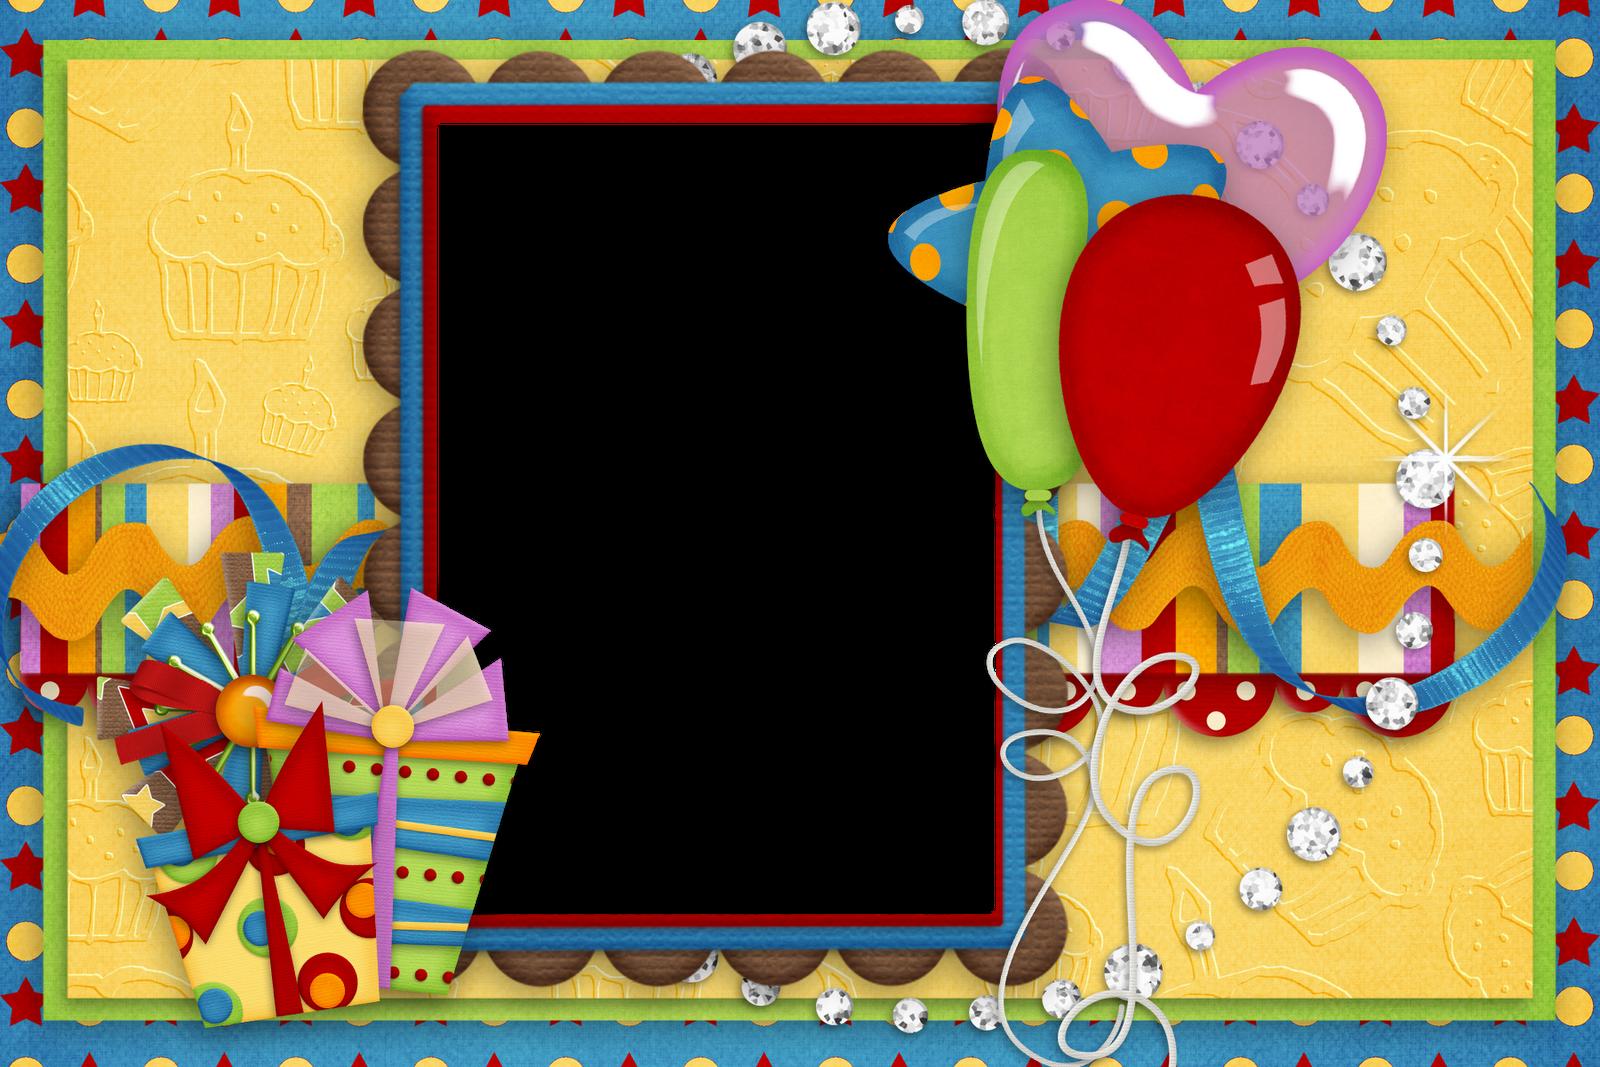 другой стороны, фоторамки вставити фото день народження дитяче посейдон